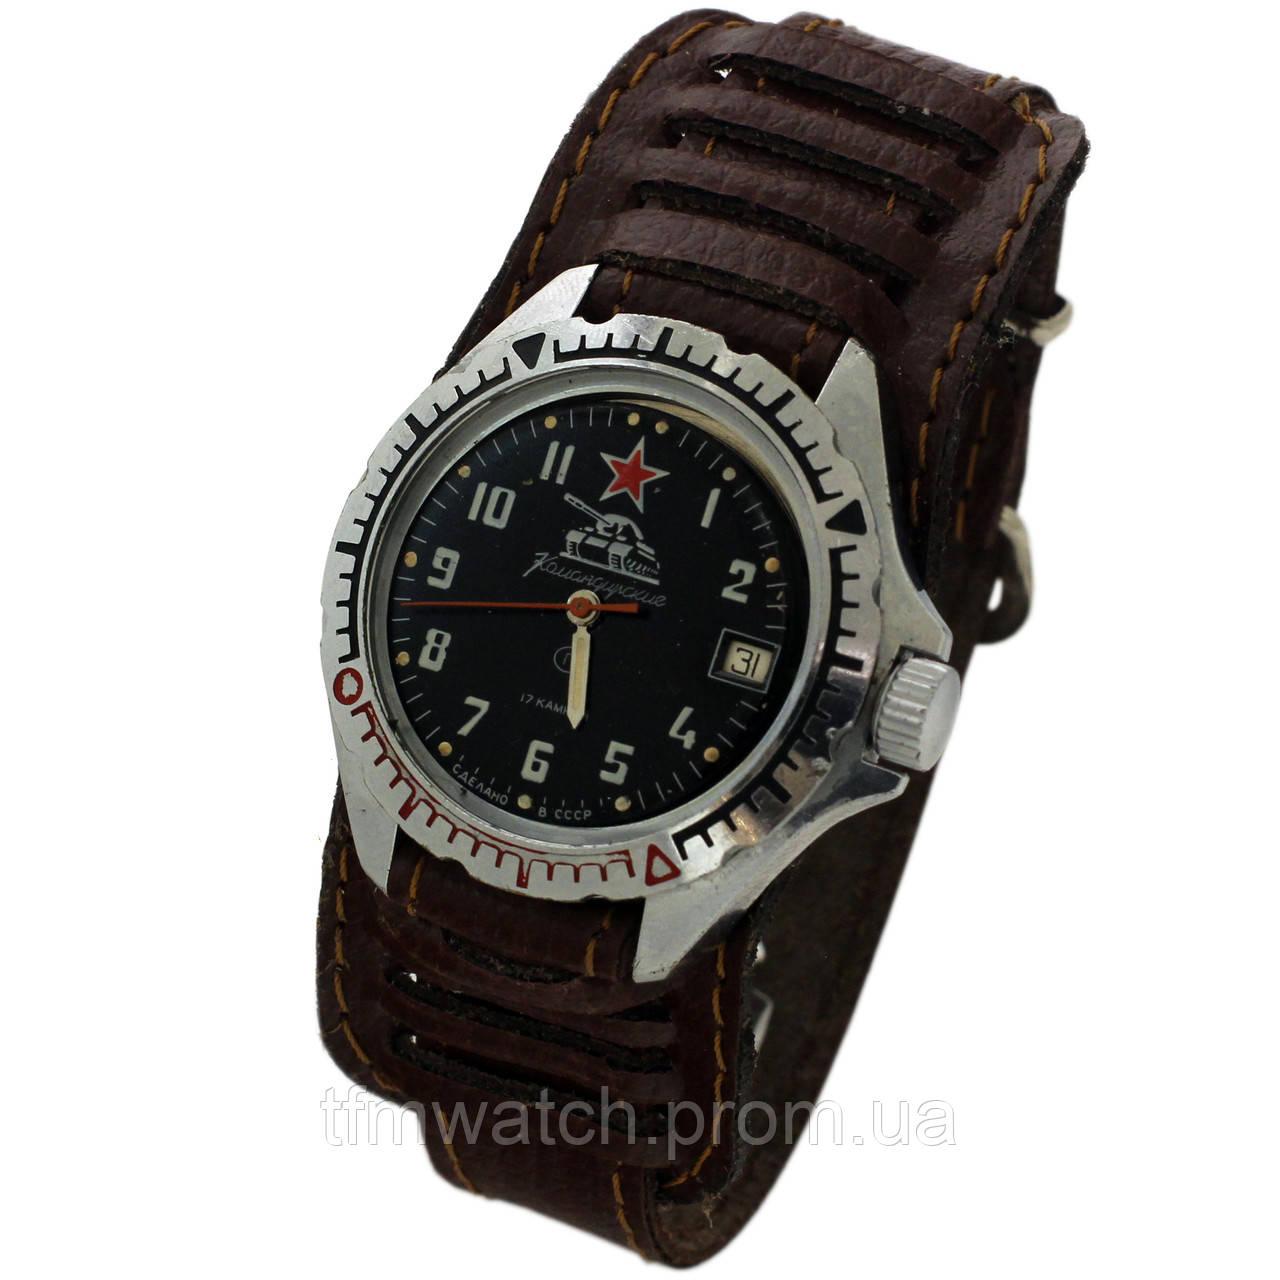 Часы продать командирские стоимость ника часы официальный сайт